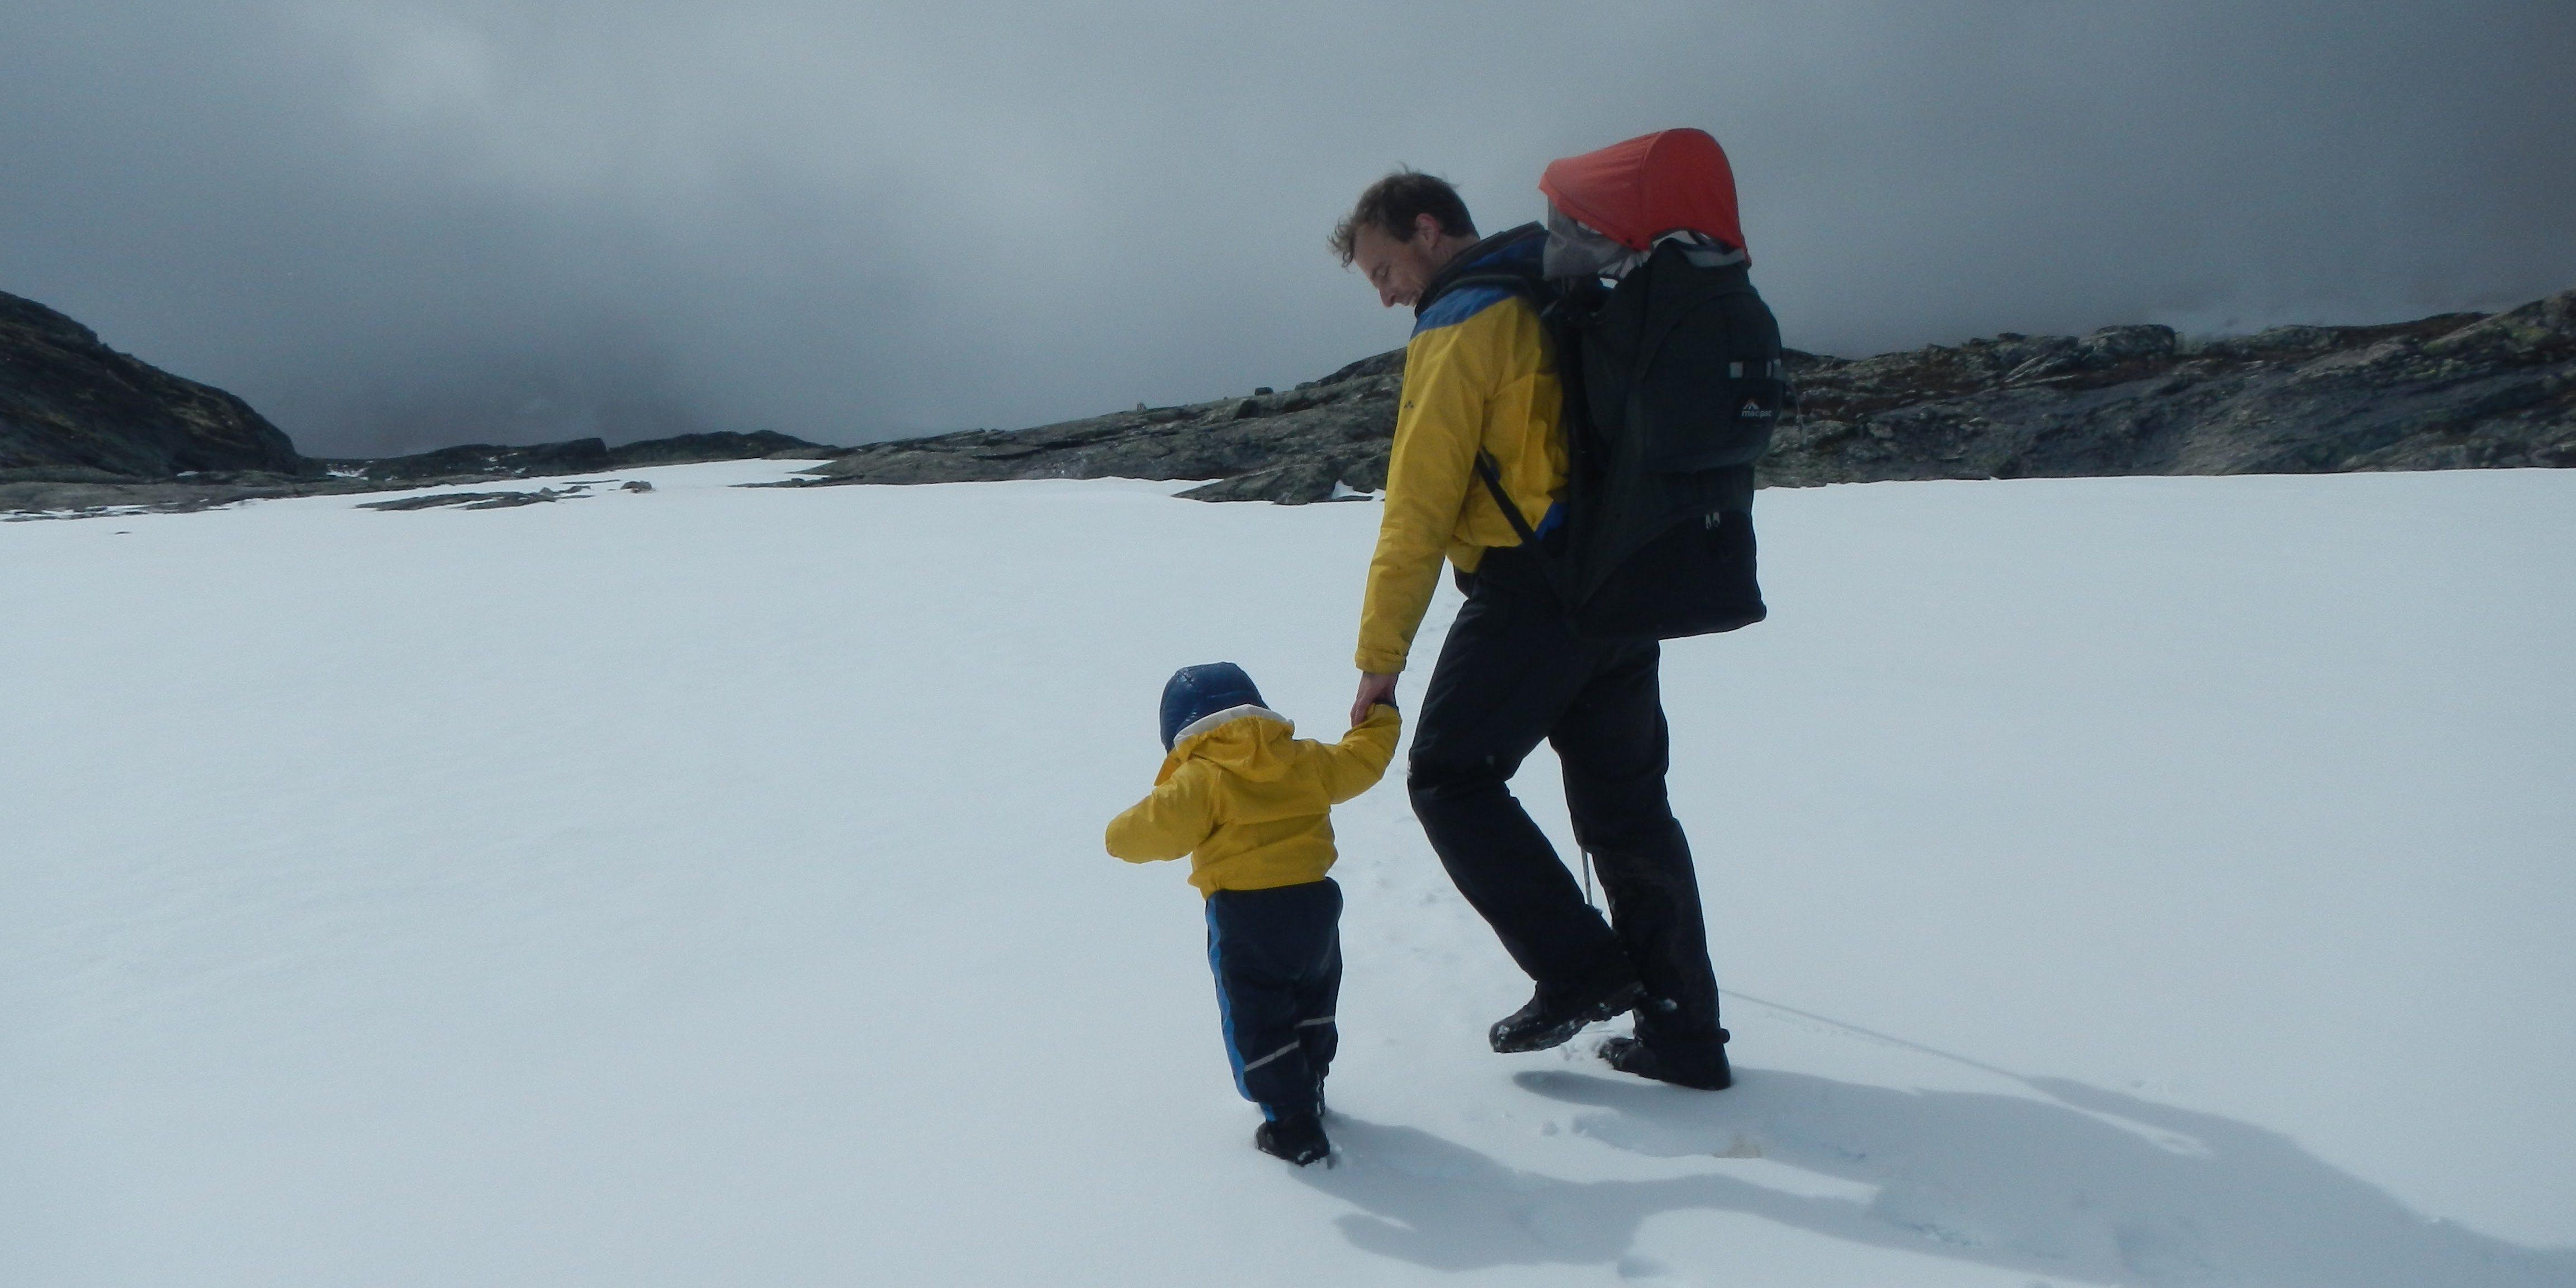 Mit Kraxe und Kind unterwegs